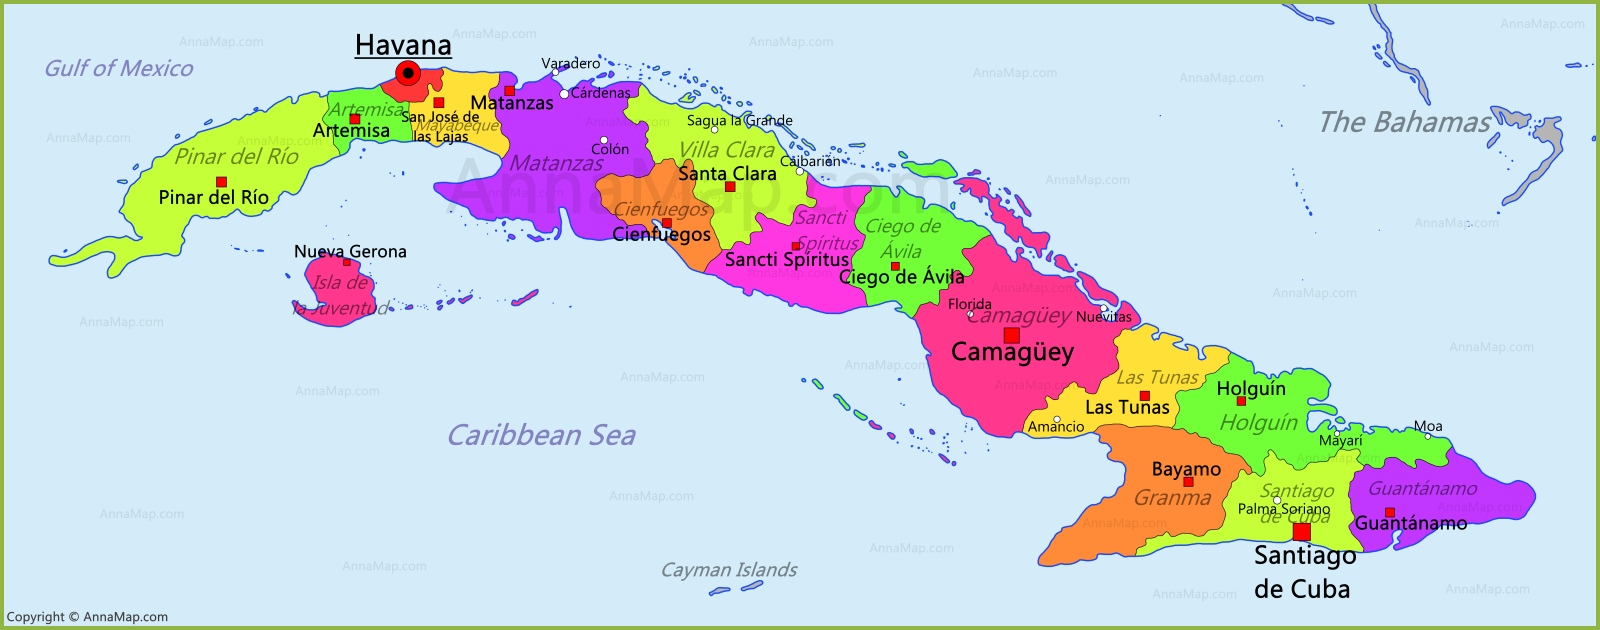 Cuba Map | Map of Cuba - AnnaMap.com